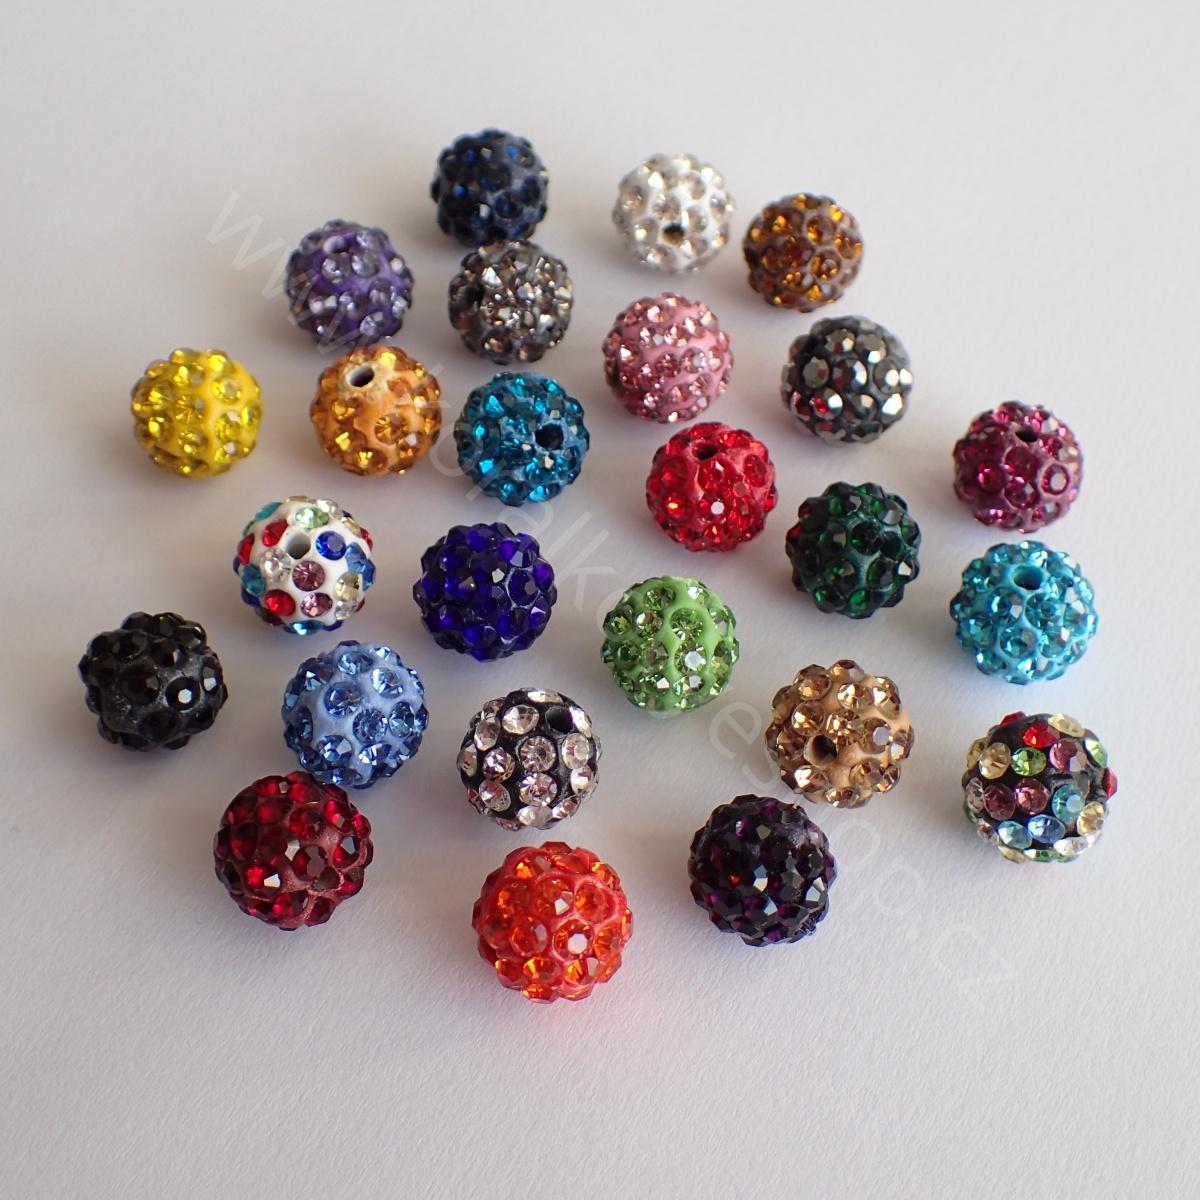 Barevné kuličky s kamínky - Černá